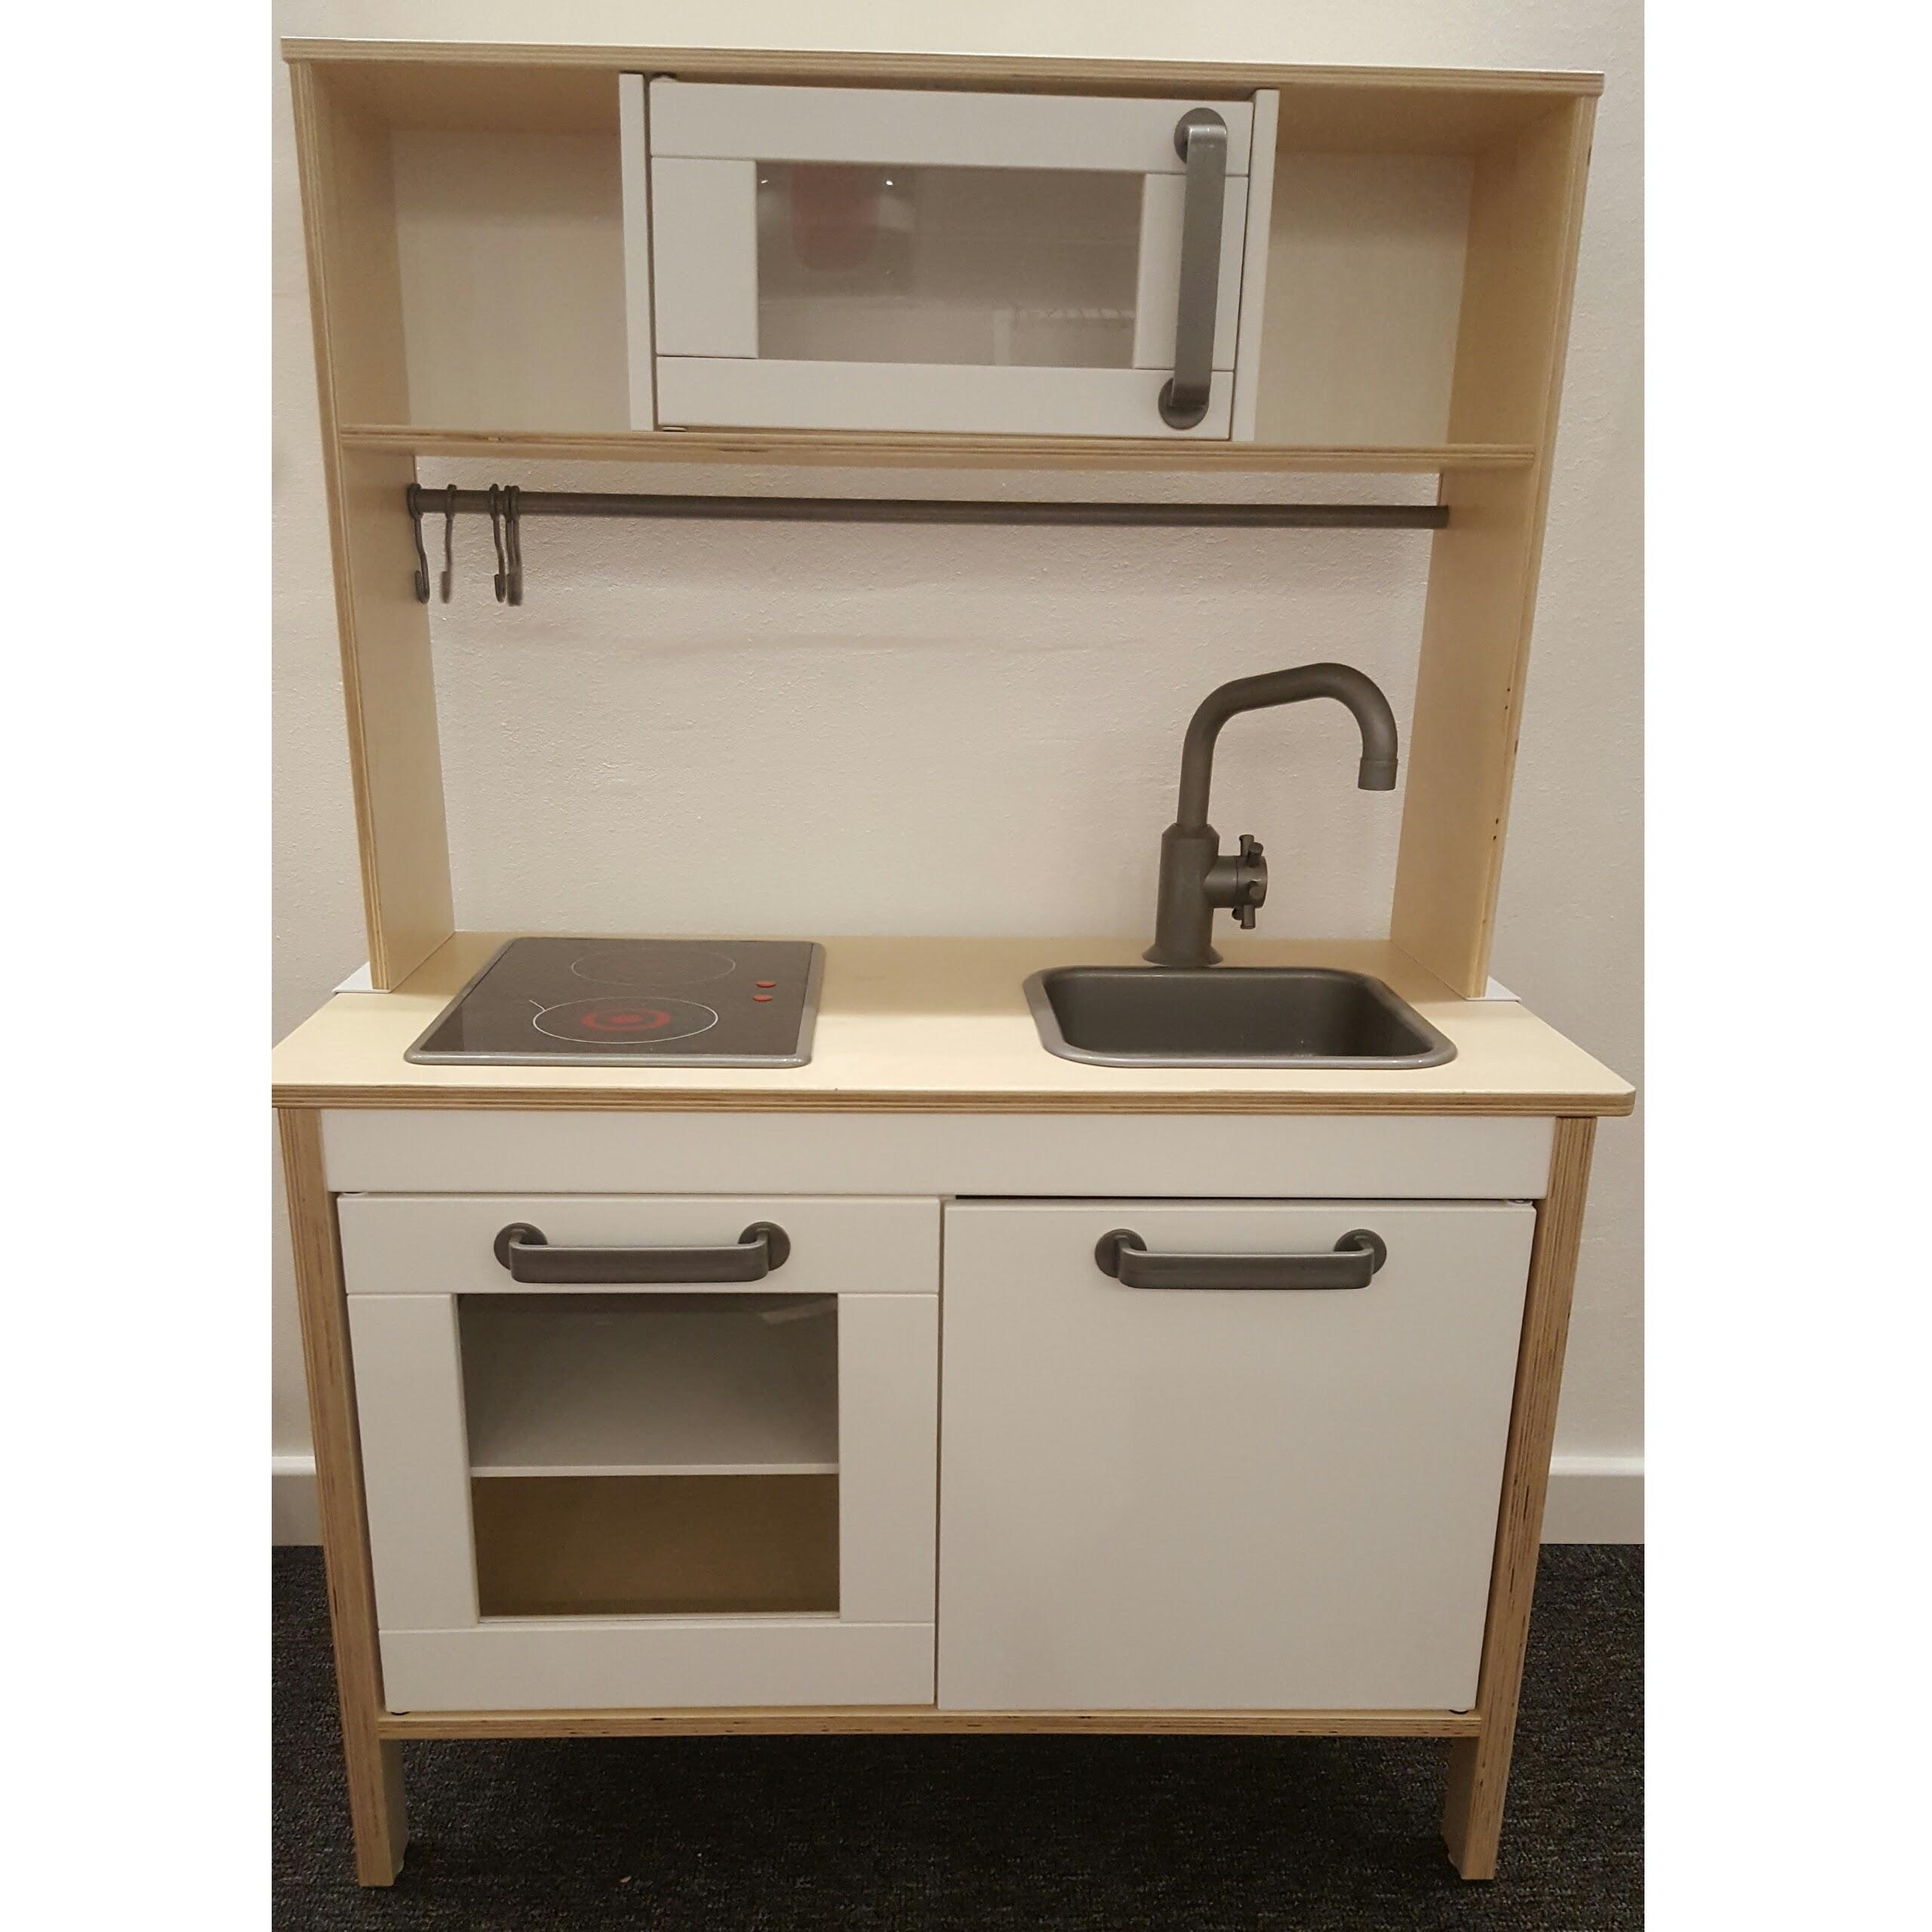 Full Size of Ikea Küchenzeile Küche Kosten Betten 160x200 Modulküche Miniküche Sofa Mit Schlaffunktion Kaufen Bei Wohnzimmer Ikea Küchenzeile